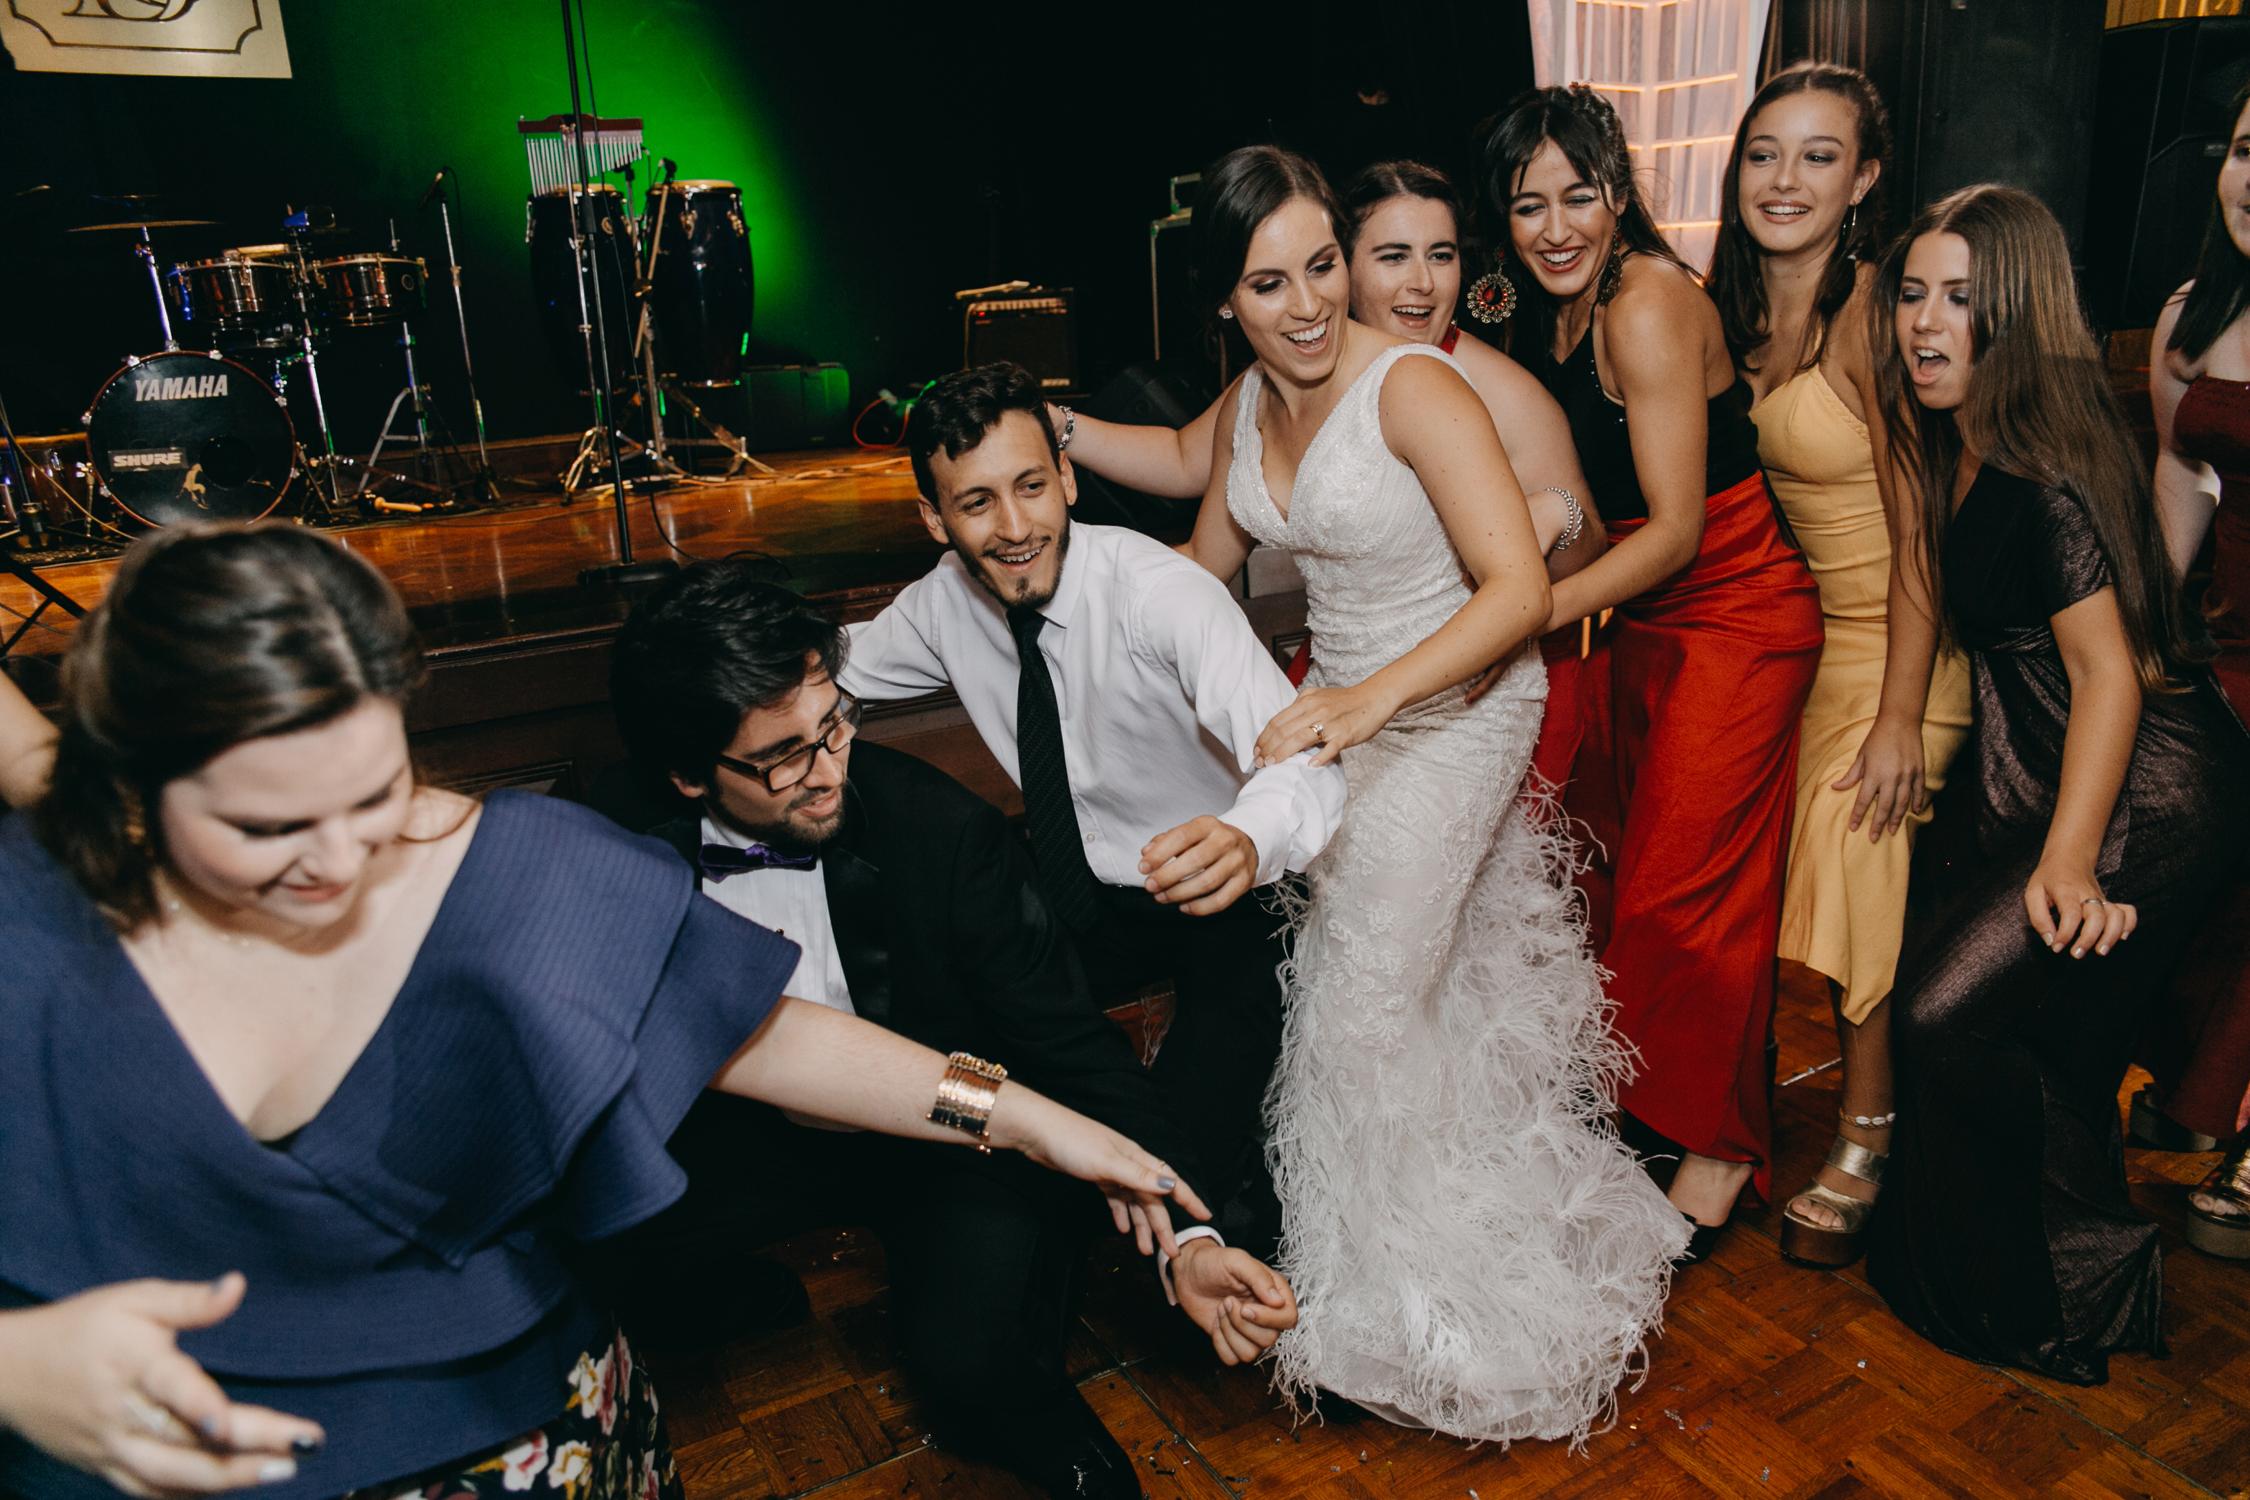 Michelle-Agurto-Fotografia-Bodas-Ecuador-Destination-Wedding-Photographer-Ecuador-Mercedes-Alvaro-181.JPG